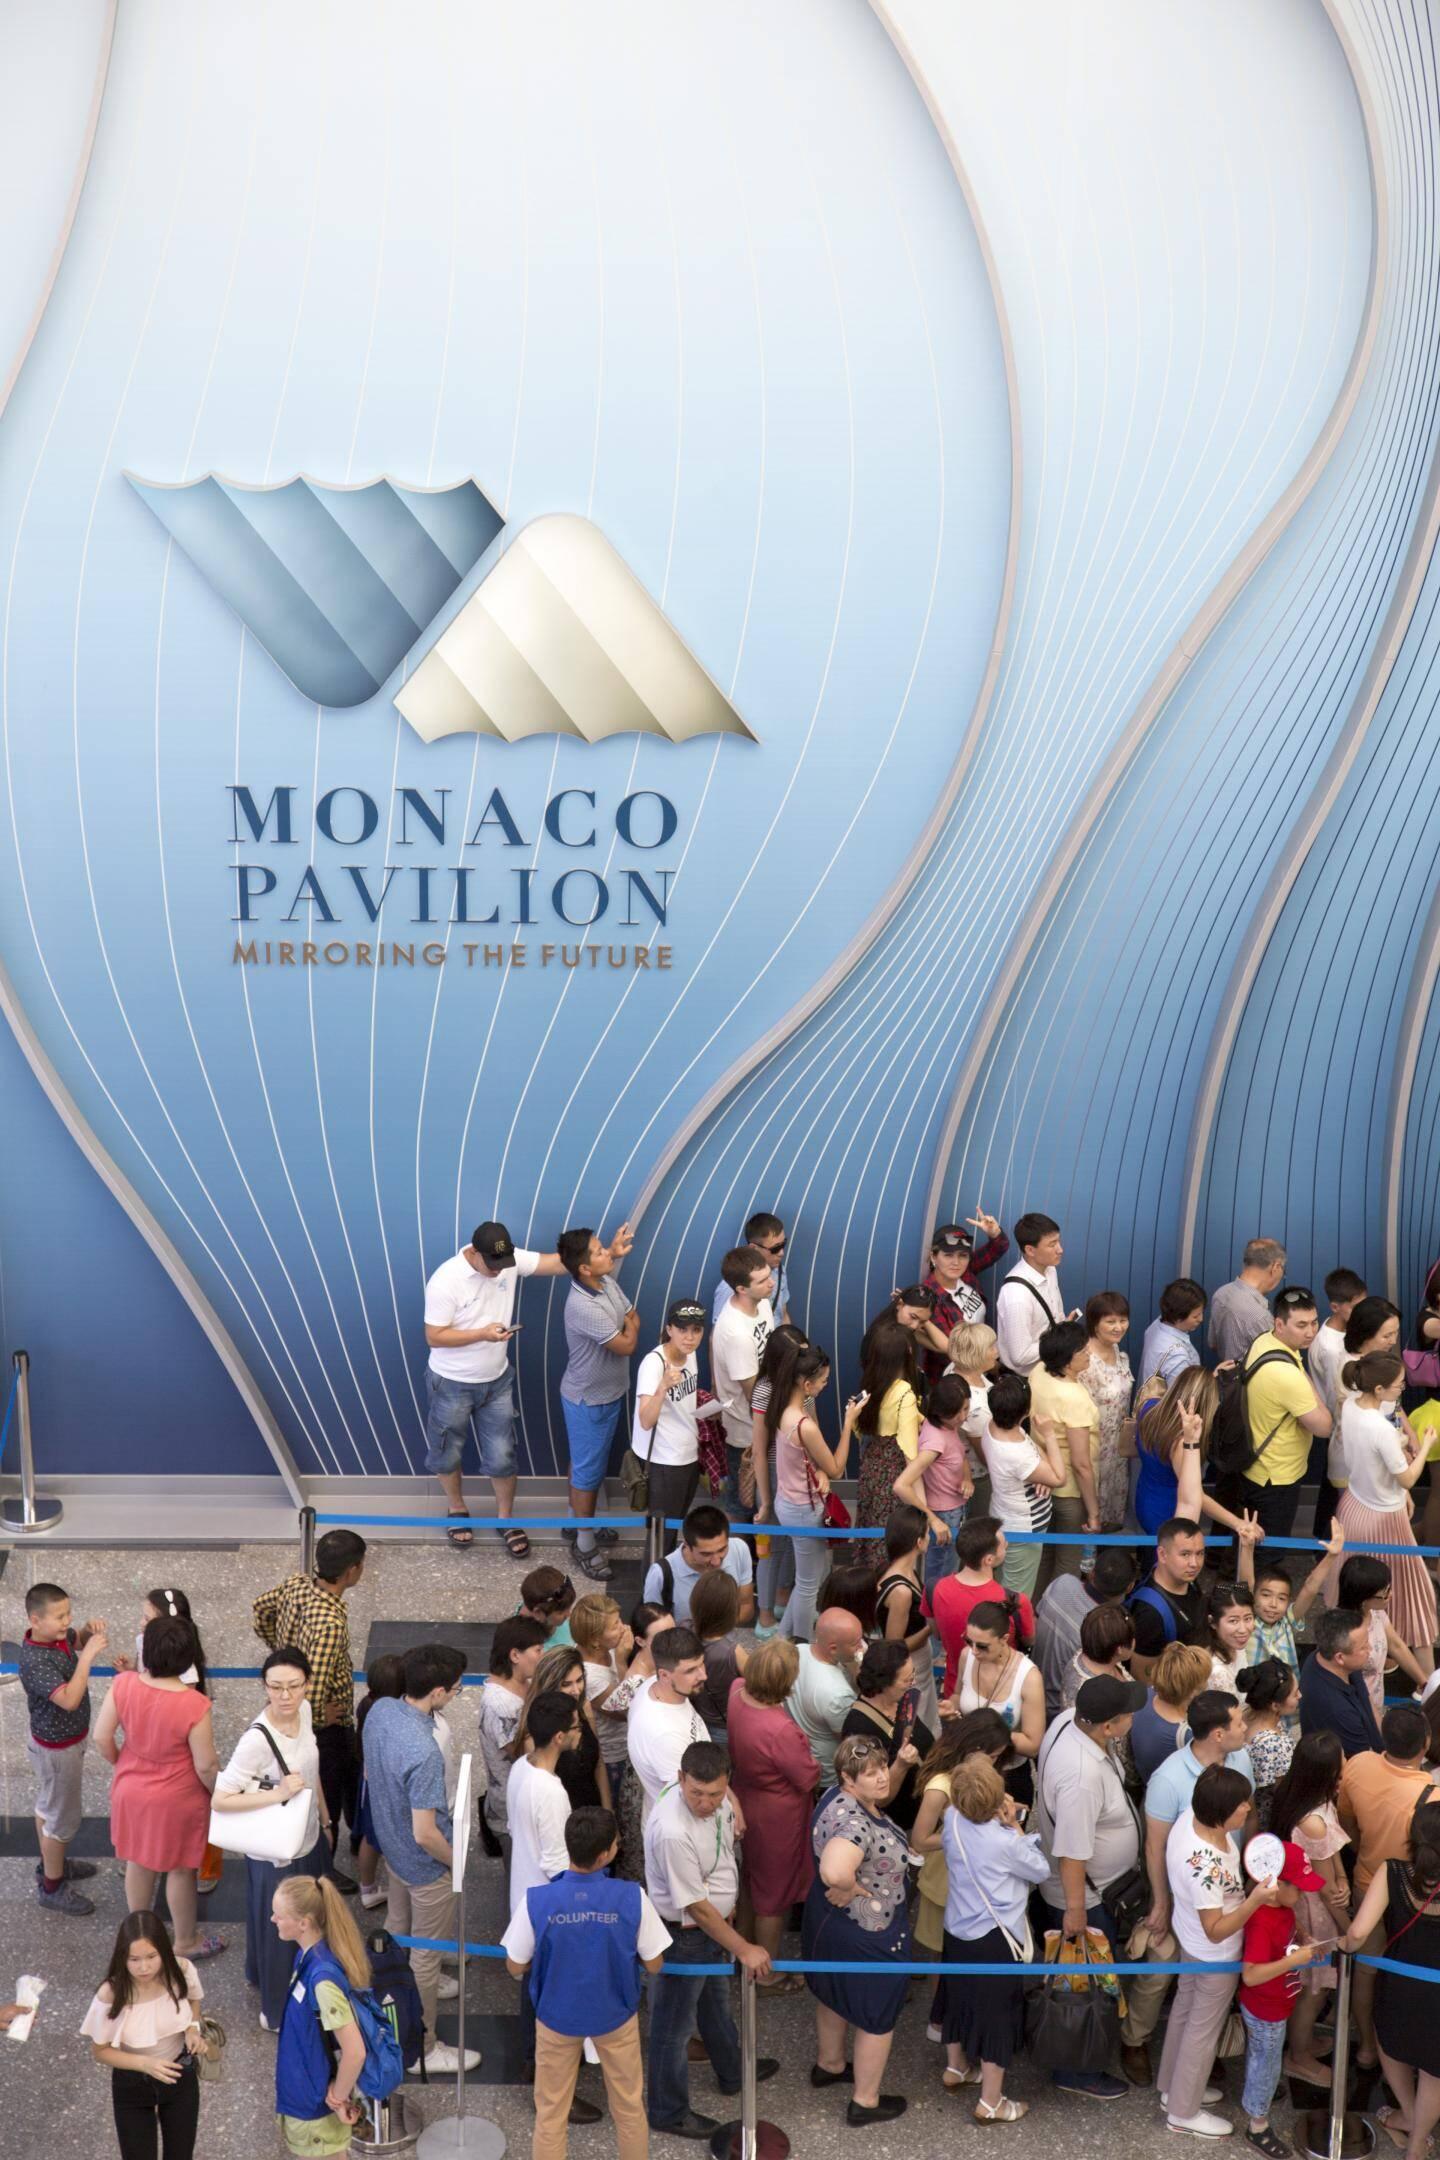 Mirroring the future, la maxime du pavillon monégasque, intrigue les visiteurs, surpris dès l'entrée.